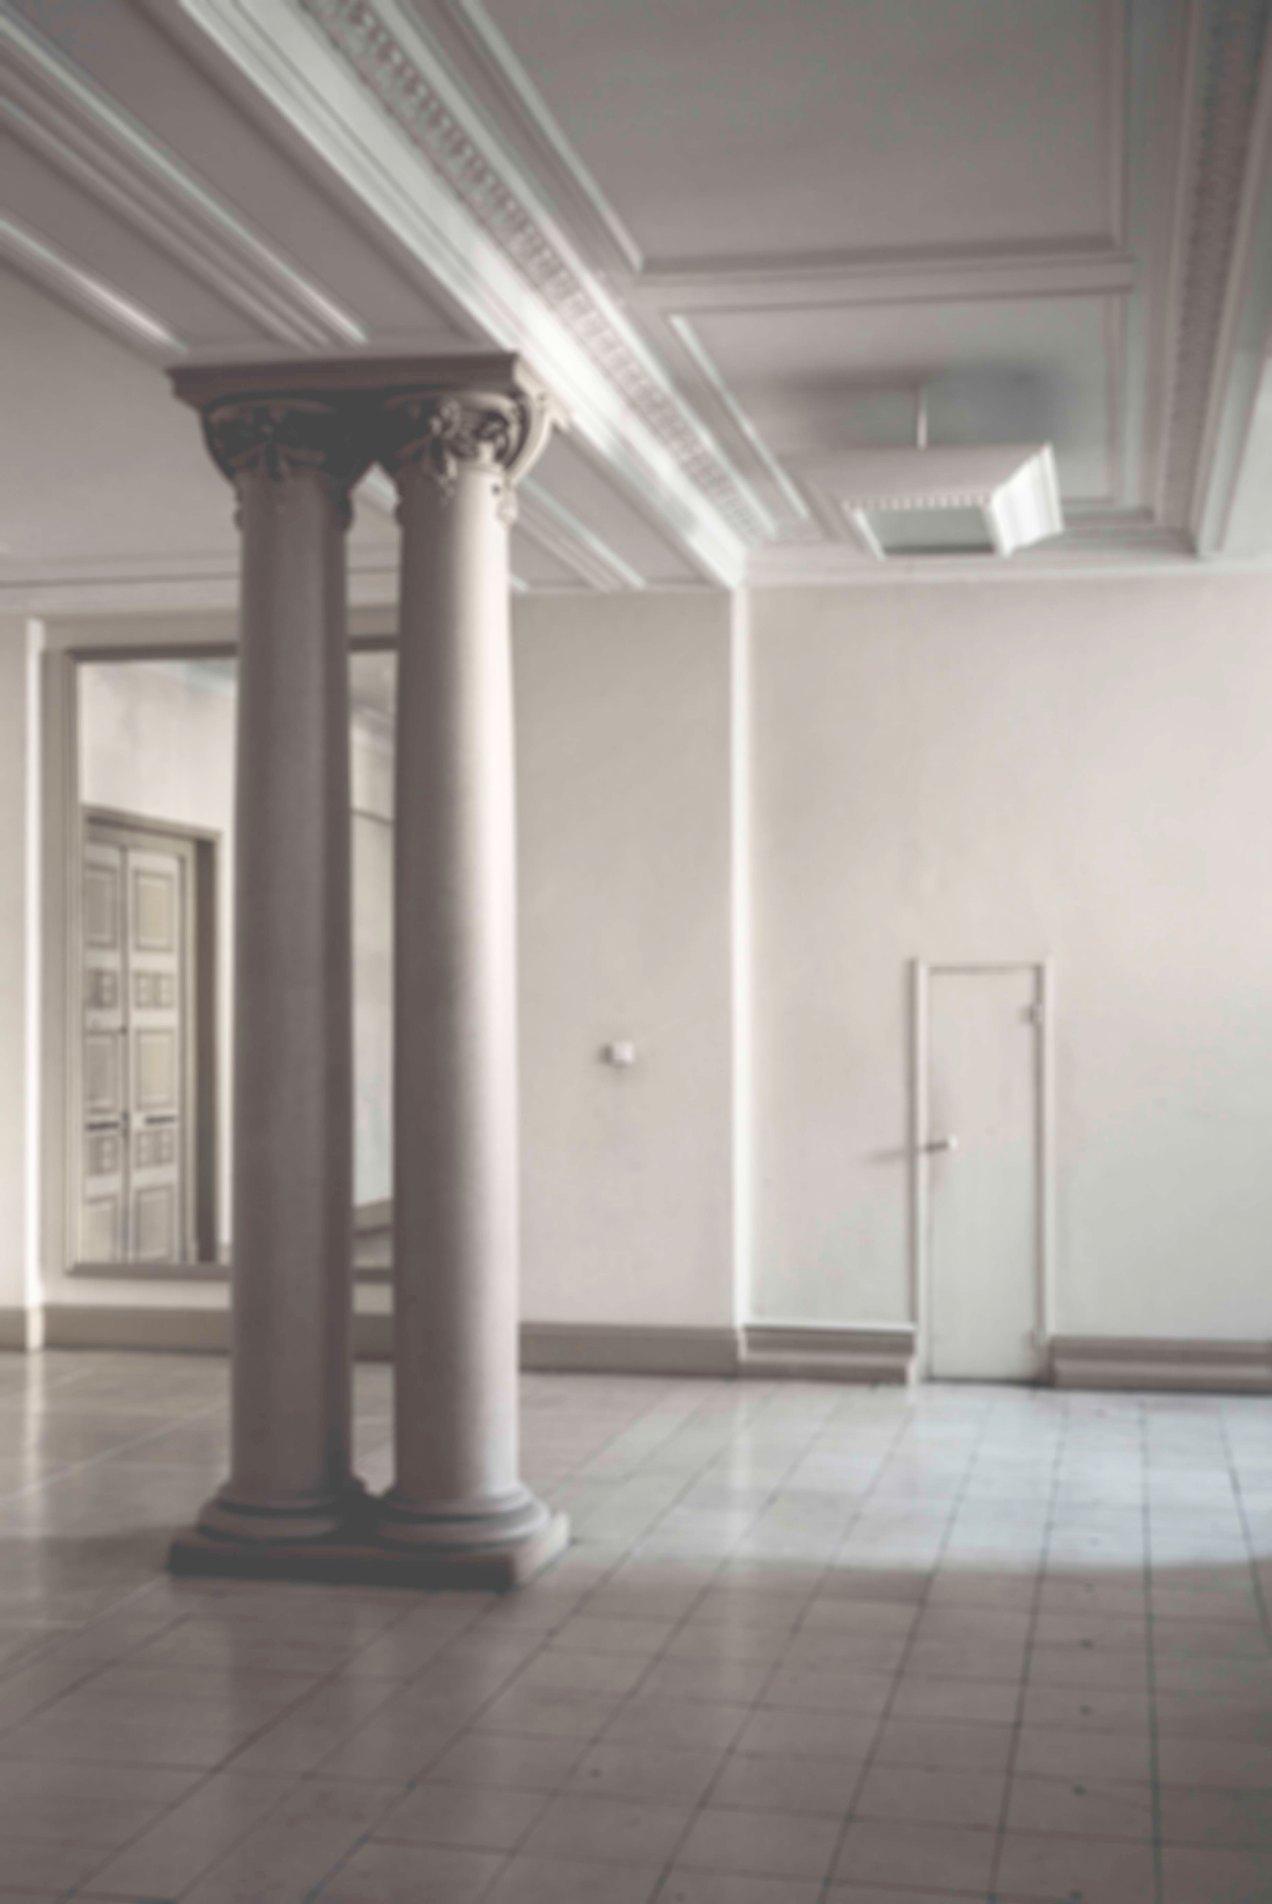 Les palliers du palais Majestic, Nice, gildalliere, 2019